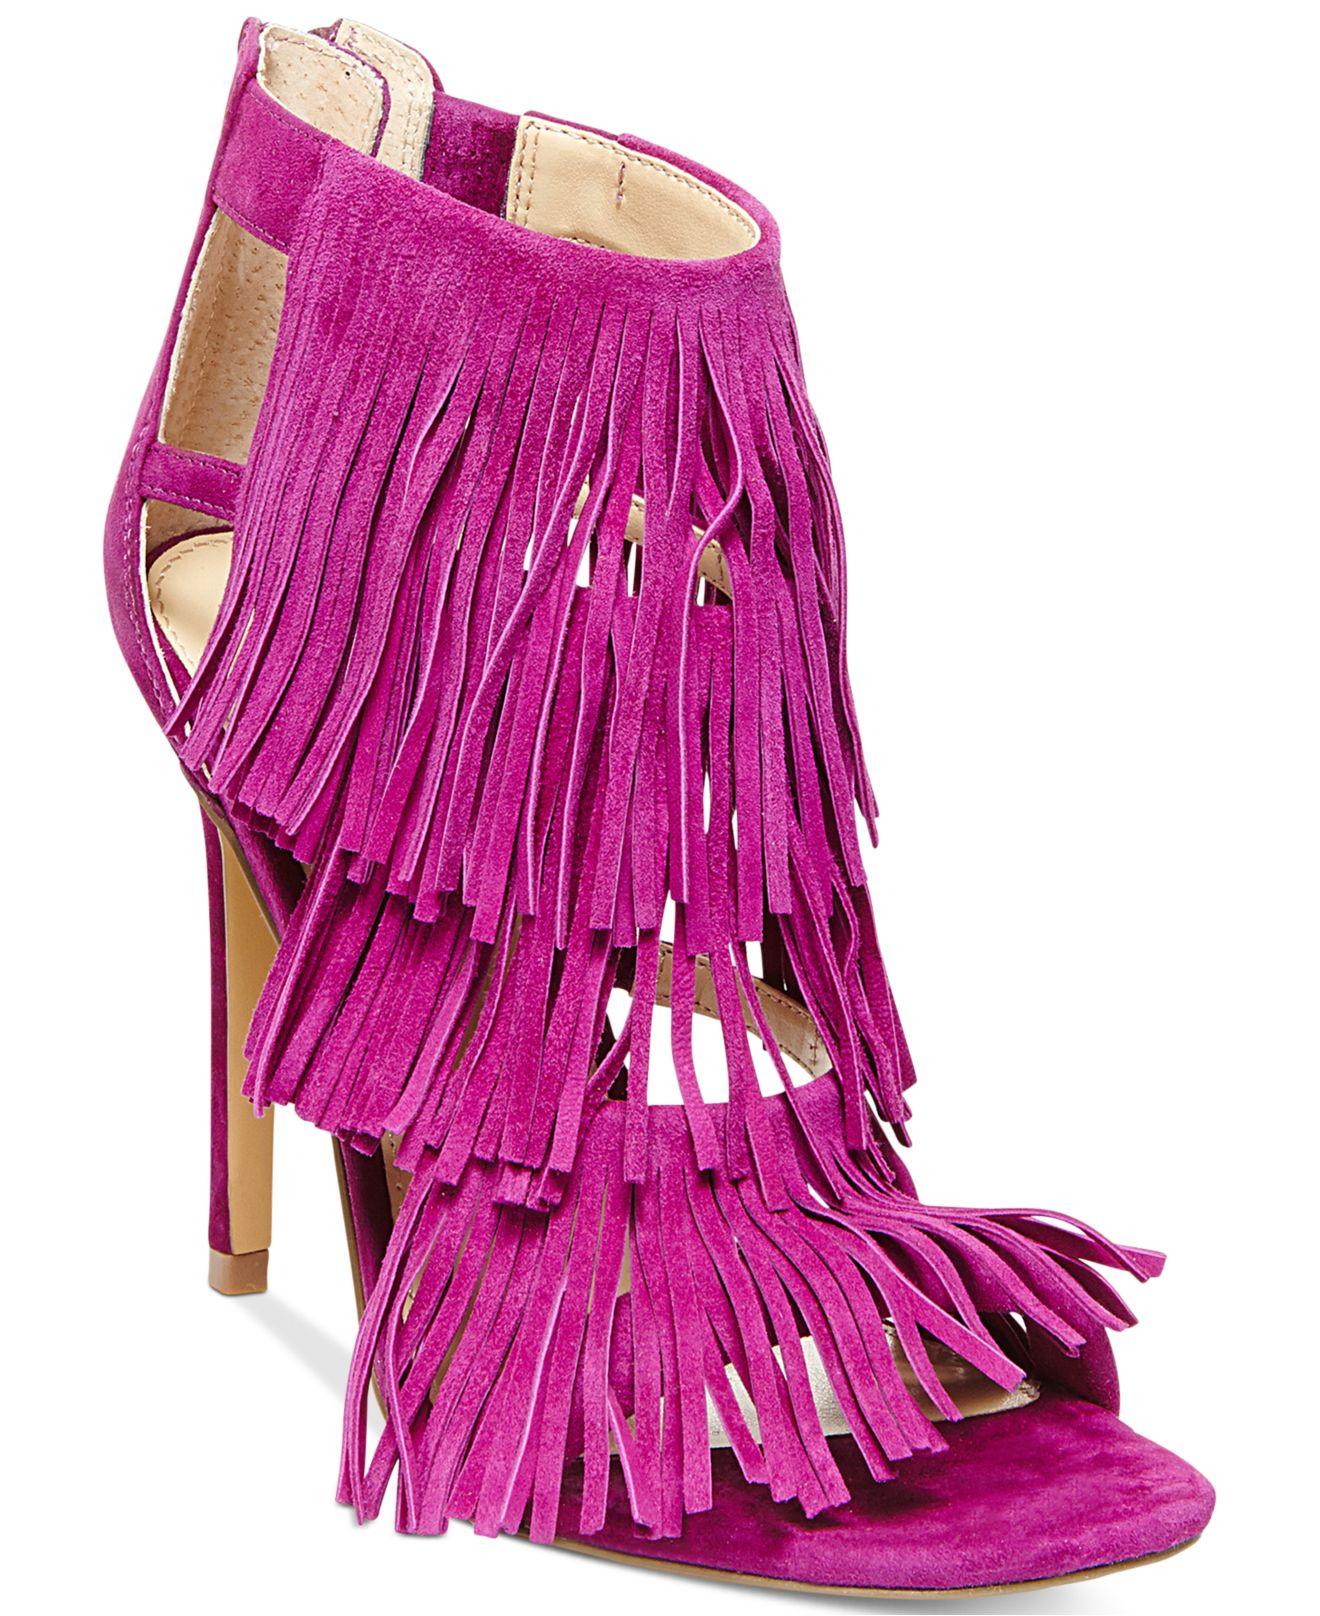 Lyst - Steve madden Women's Fringly in Purple